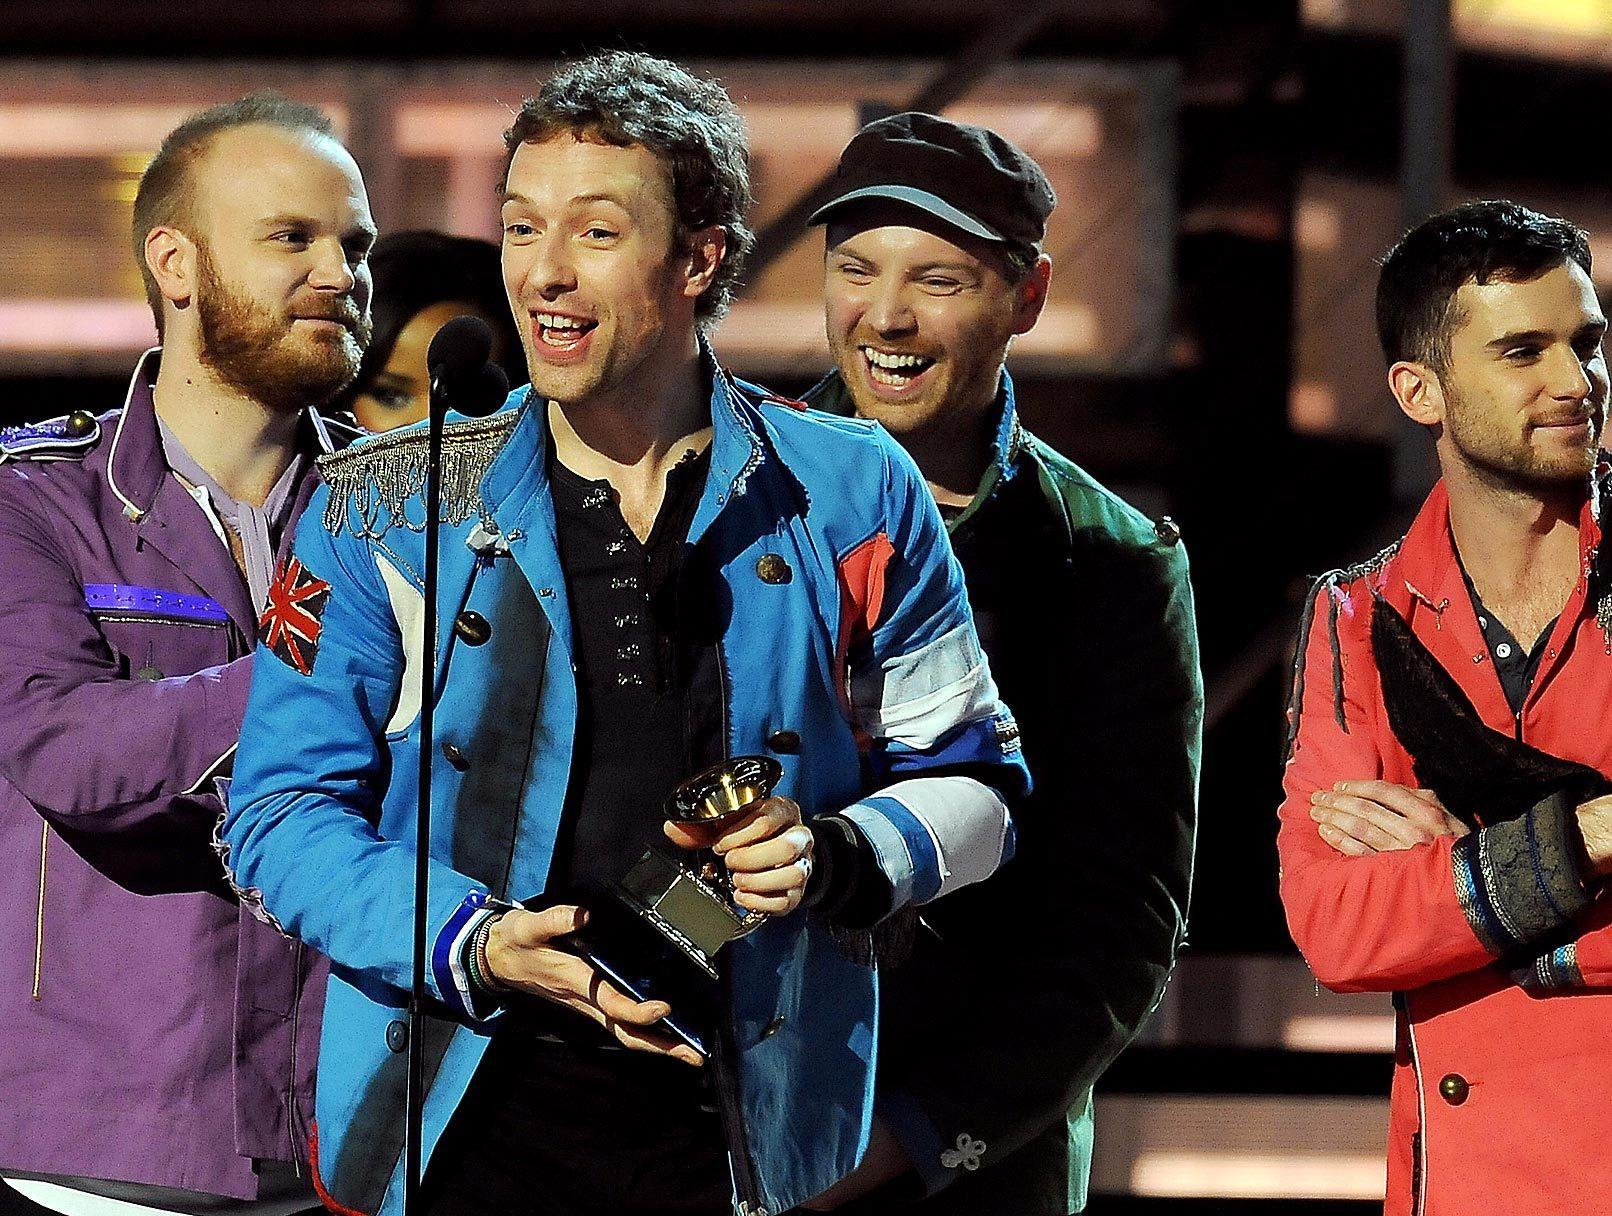 Coldplay at Thr Grammys 2009